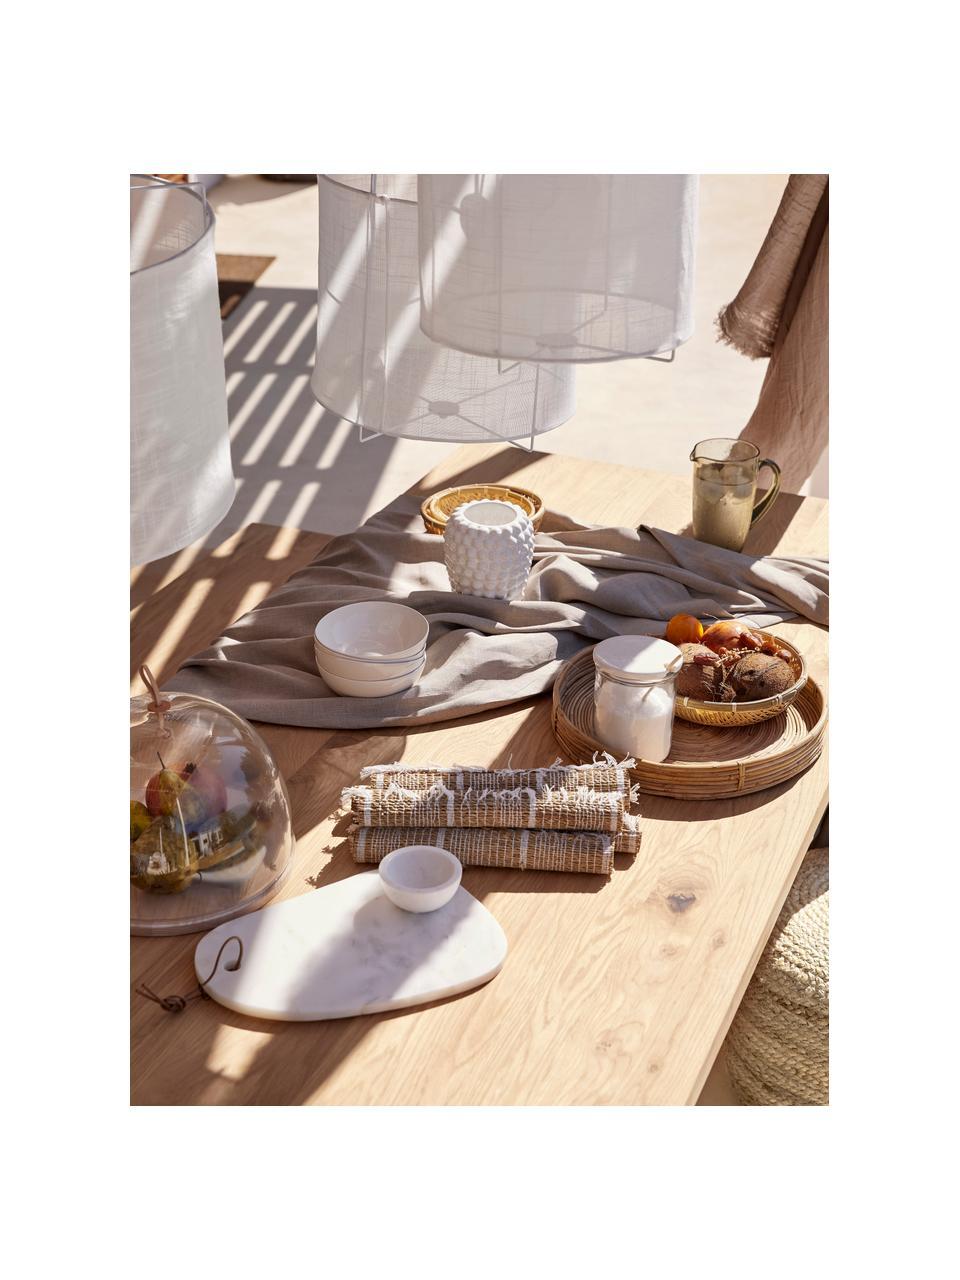 Eettafel Oliver met massief houten blad, Tafelblad: latten van wild eiken, ma, Poten: gepoedercoat metaalkleuri, Wild eiken, wit, 160 x 90 cm